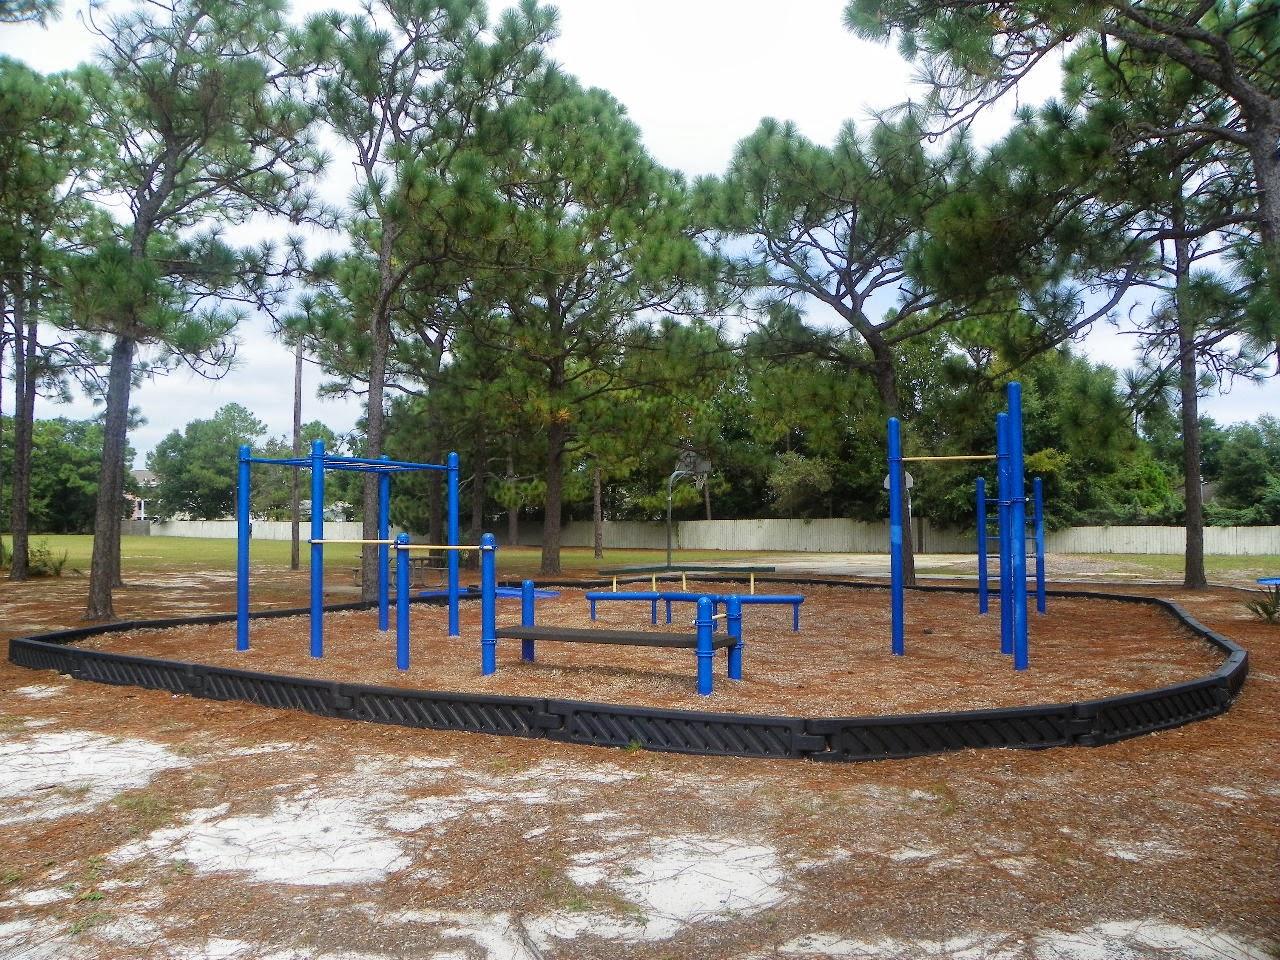 Dog Backyard Playground Equipment : Dog Playground Equipment Backyard Mallory heights playground